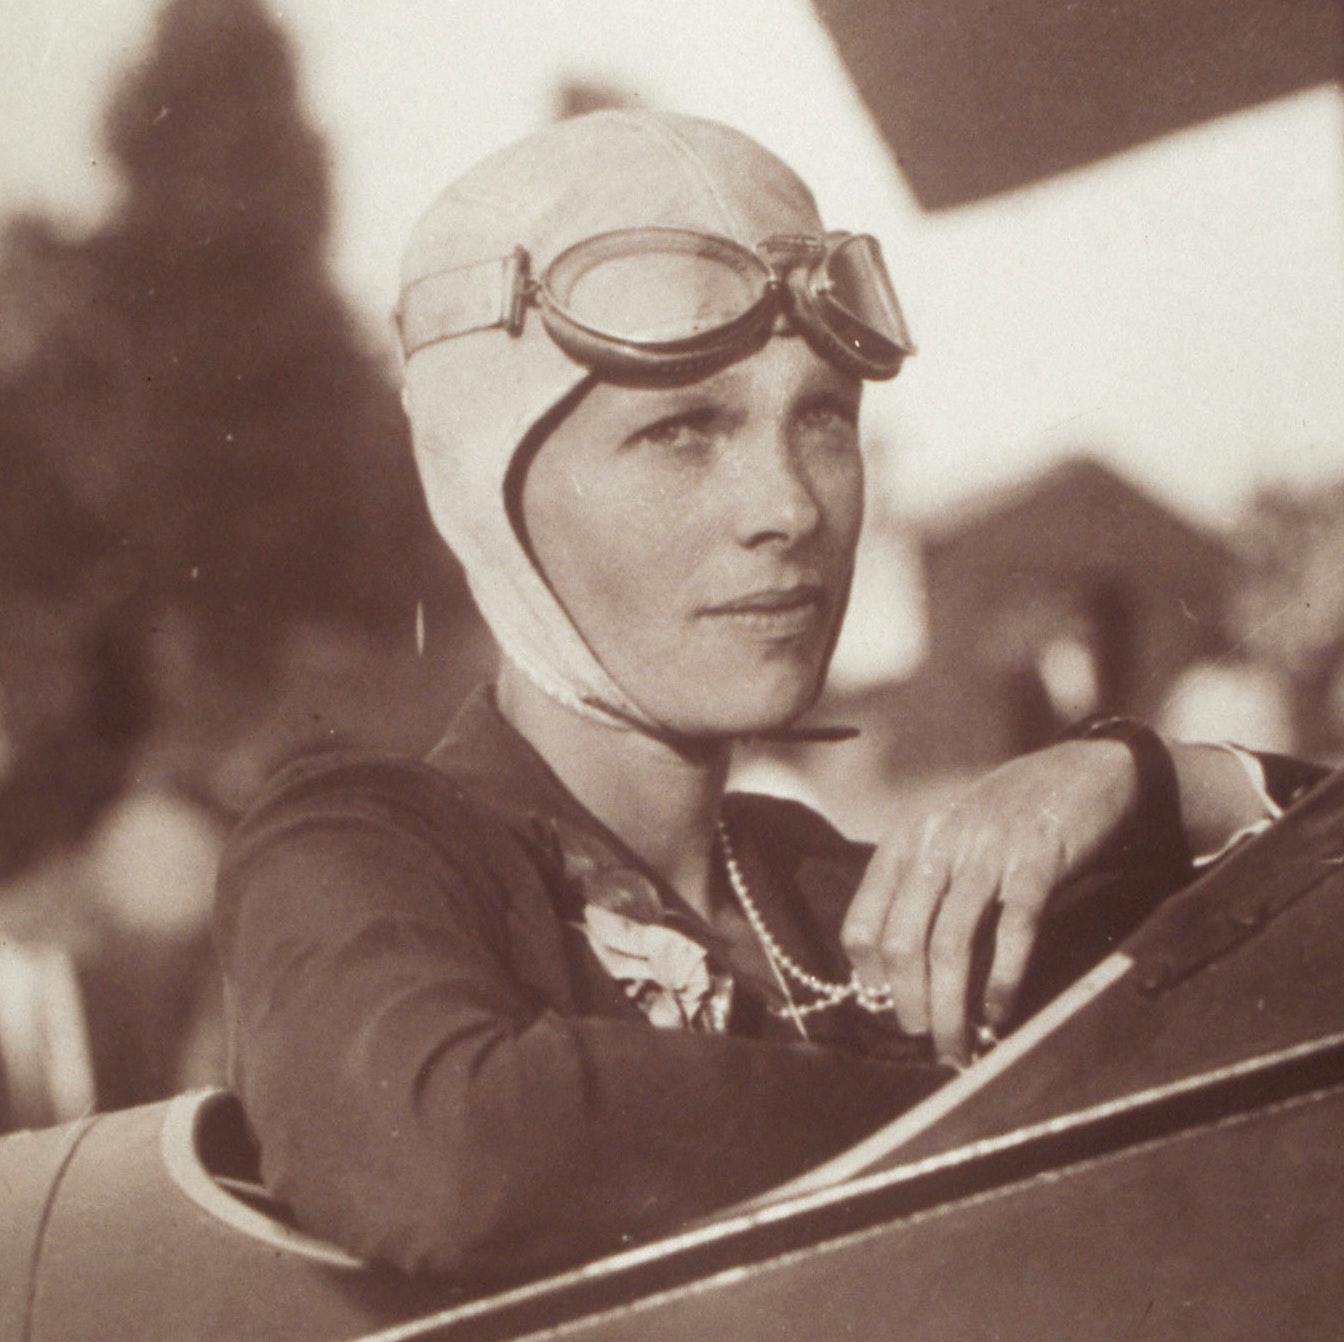 Amelia Earhart, in plane, wearing flight helmet and pearls